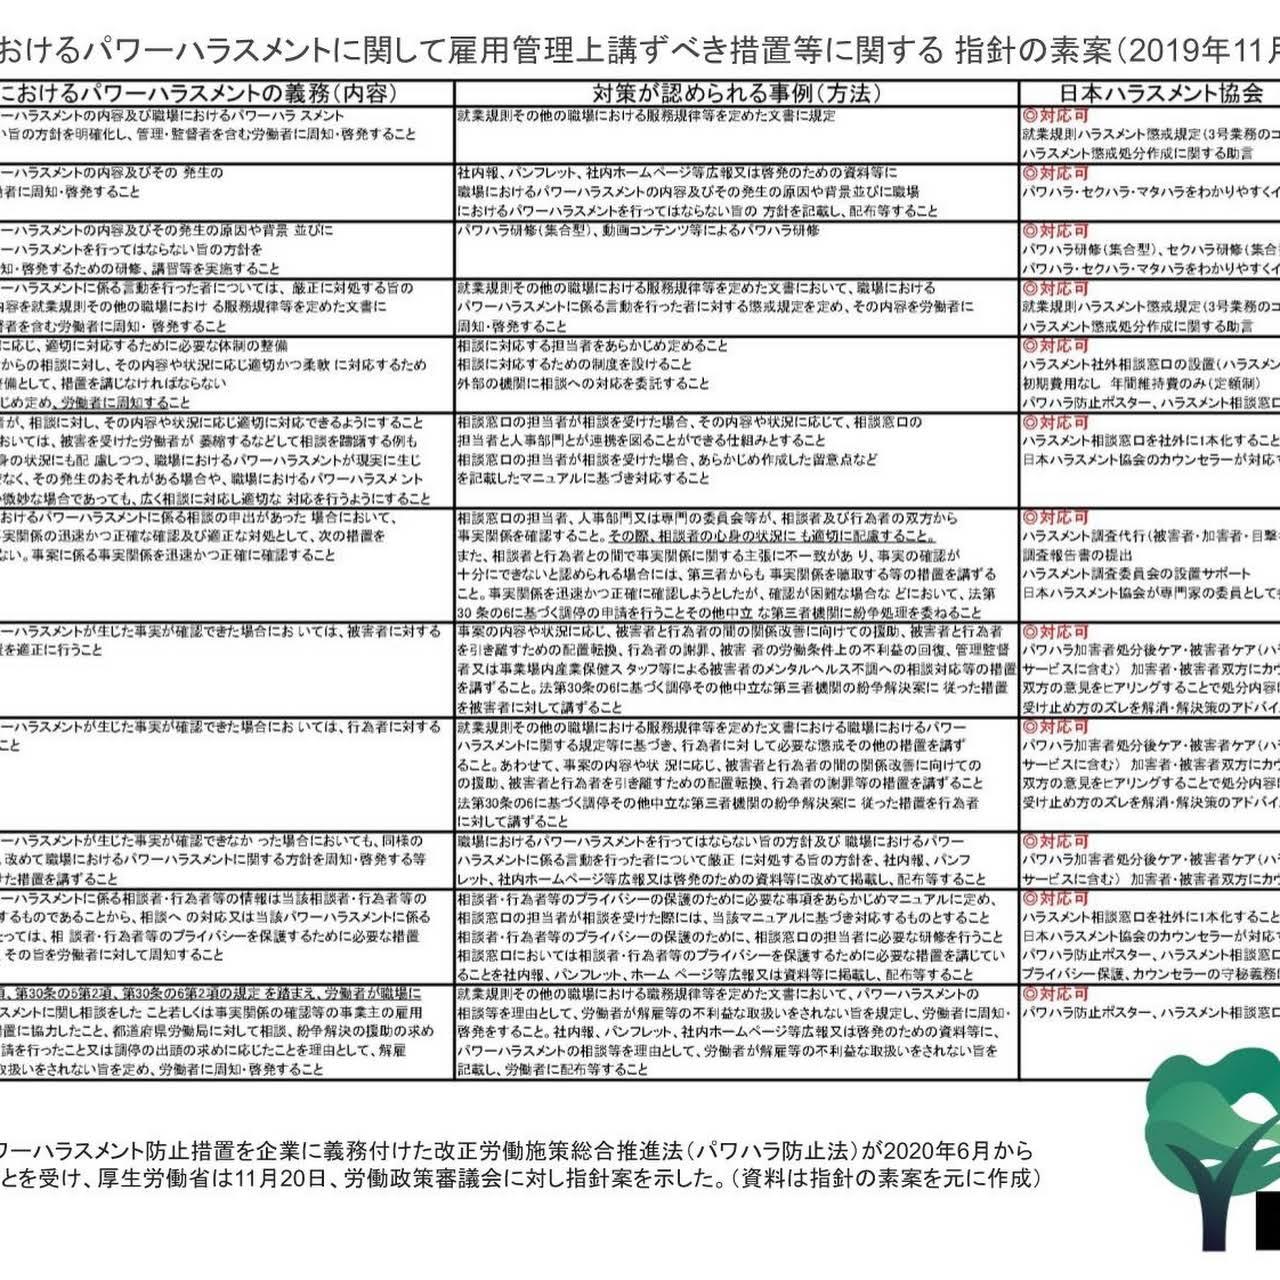 総合 法 推進 施策 改正 労働